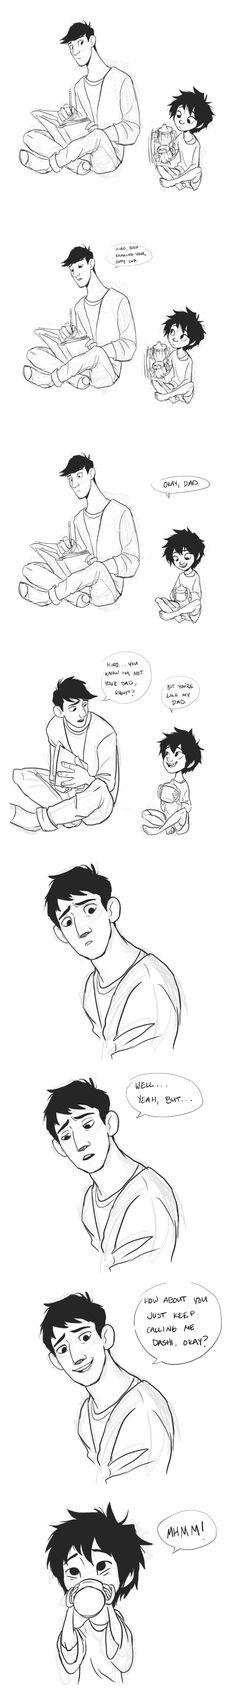 Lil Hiro and Tadashi :')